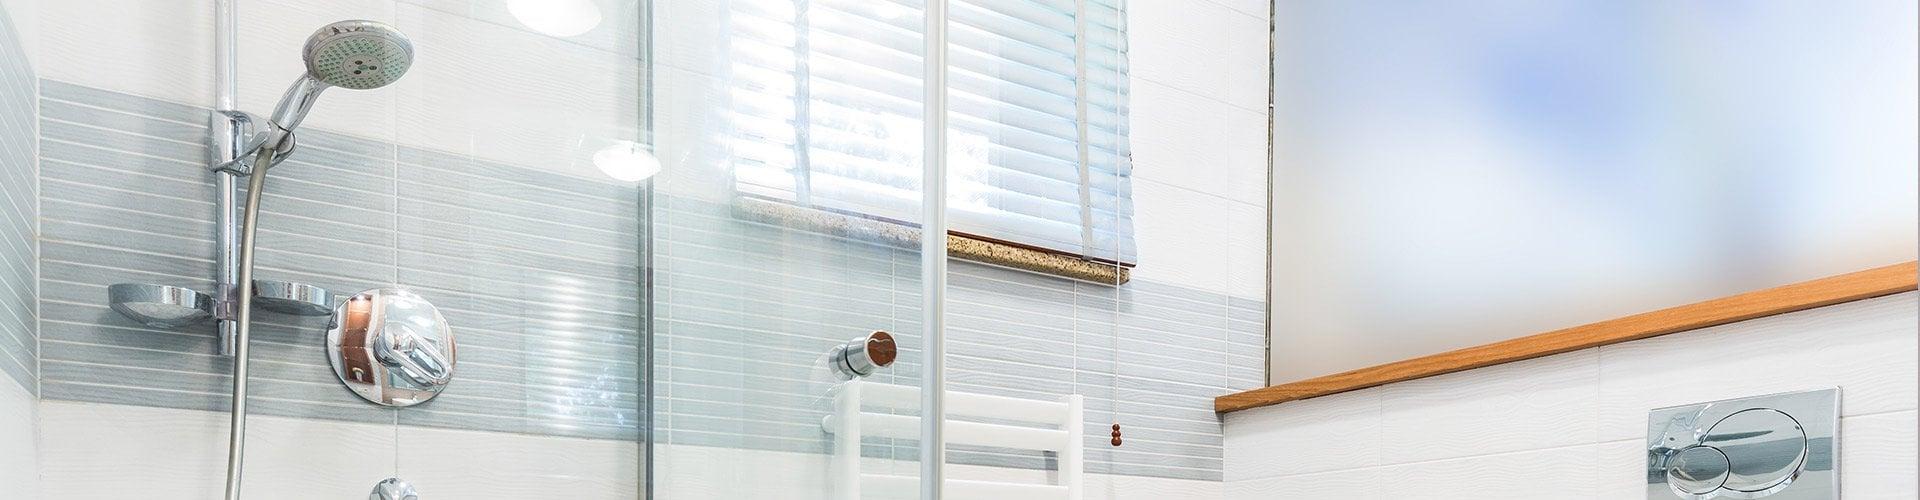 Badrumsrenovering Norrköping | Nytt badrum till bra pris : tätskikt våtrum : Inredning